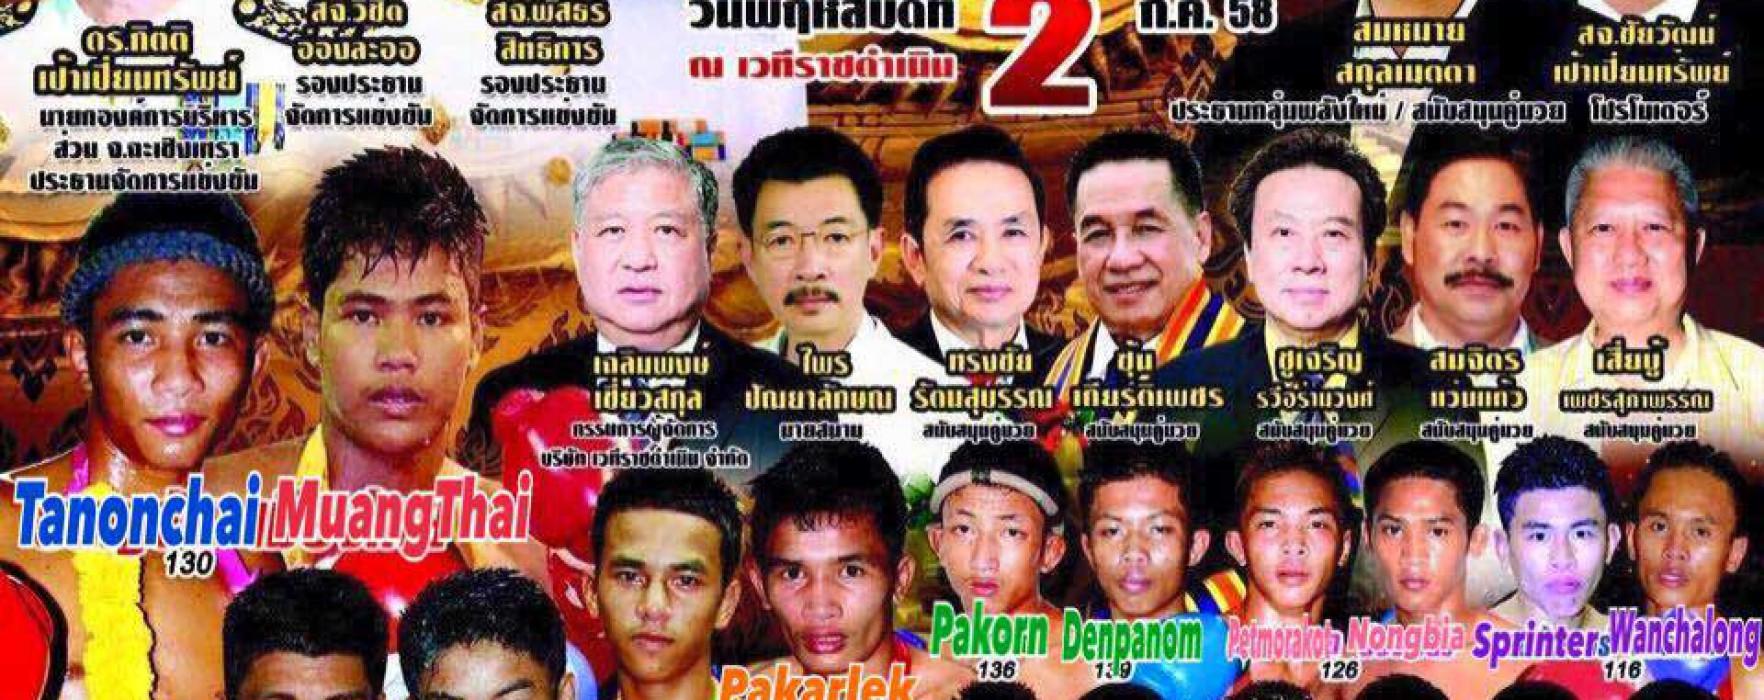 Card: Sangmanee, Tanongchai, Pakorn, Panpayak etc at Rajadamnern – 2nd July 2015